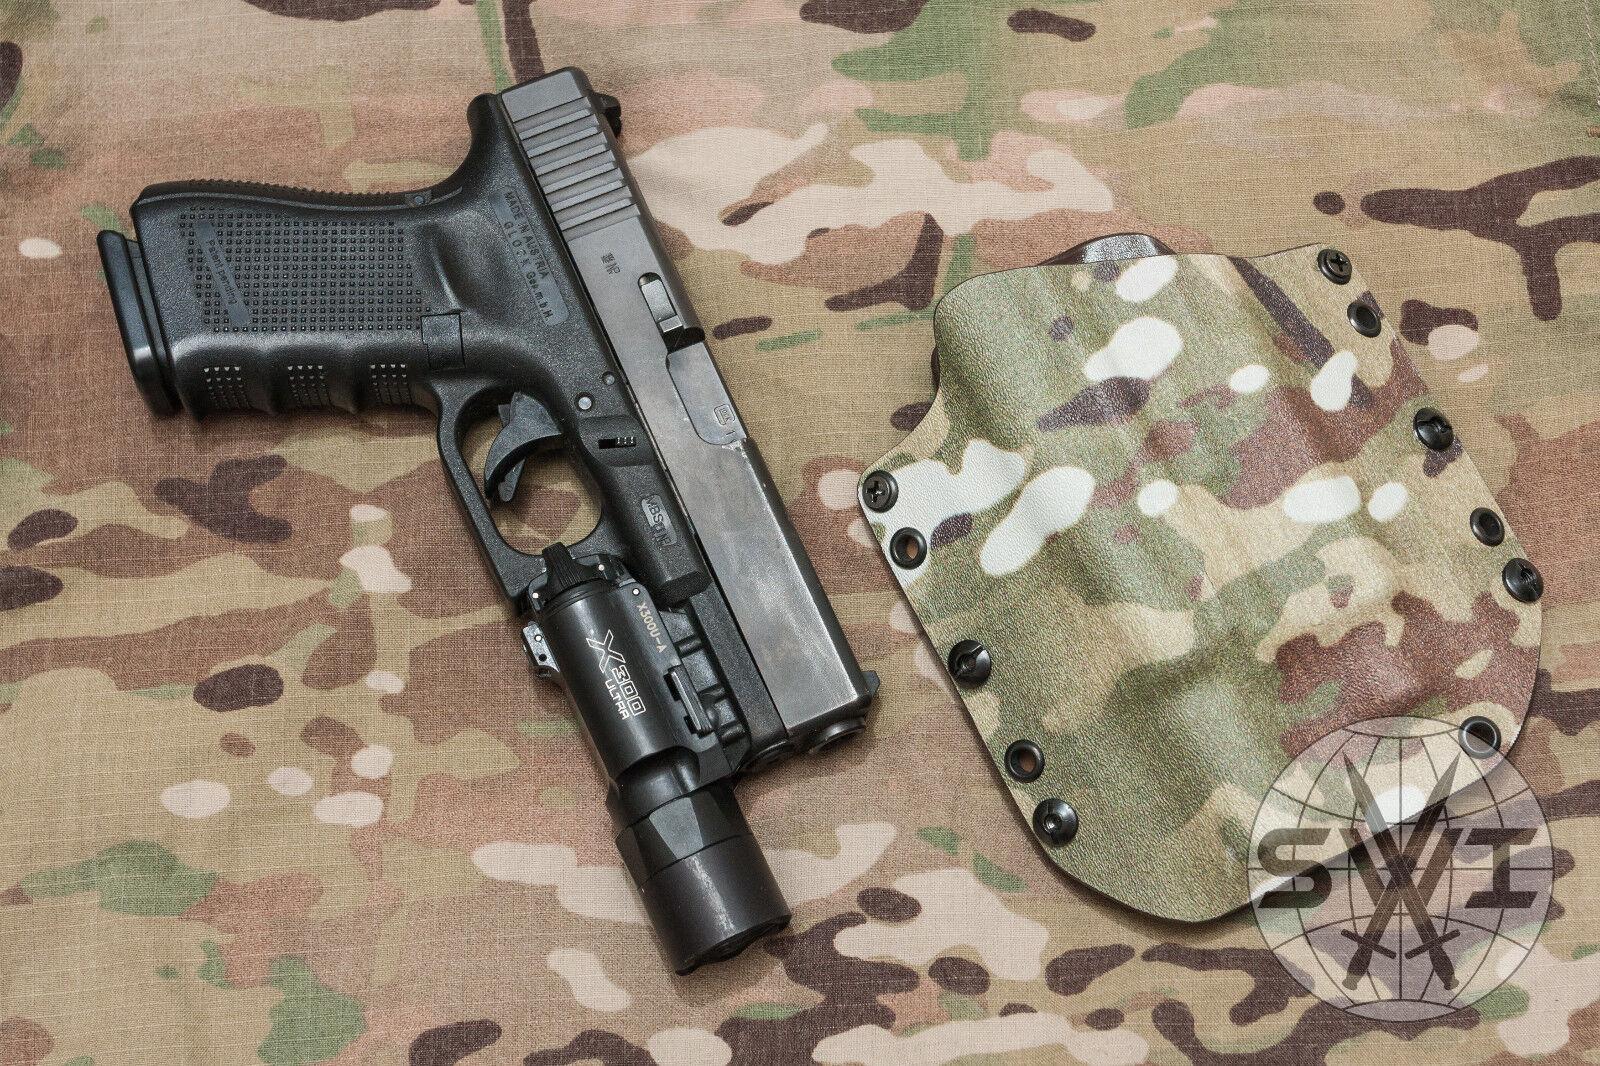 SWI Kydex Kydex Kydex Holster für Waffen mit SureFire X300 Leuchte, RH   LH, versch. Farben 104742